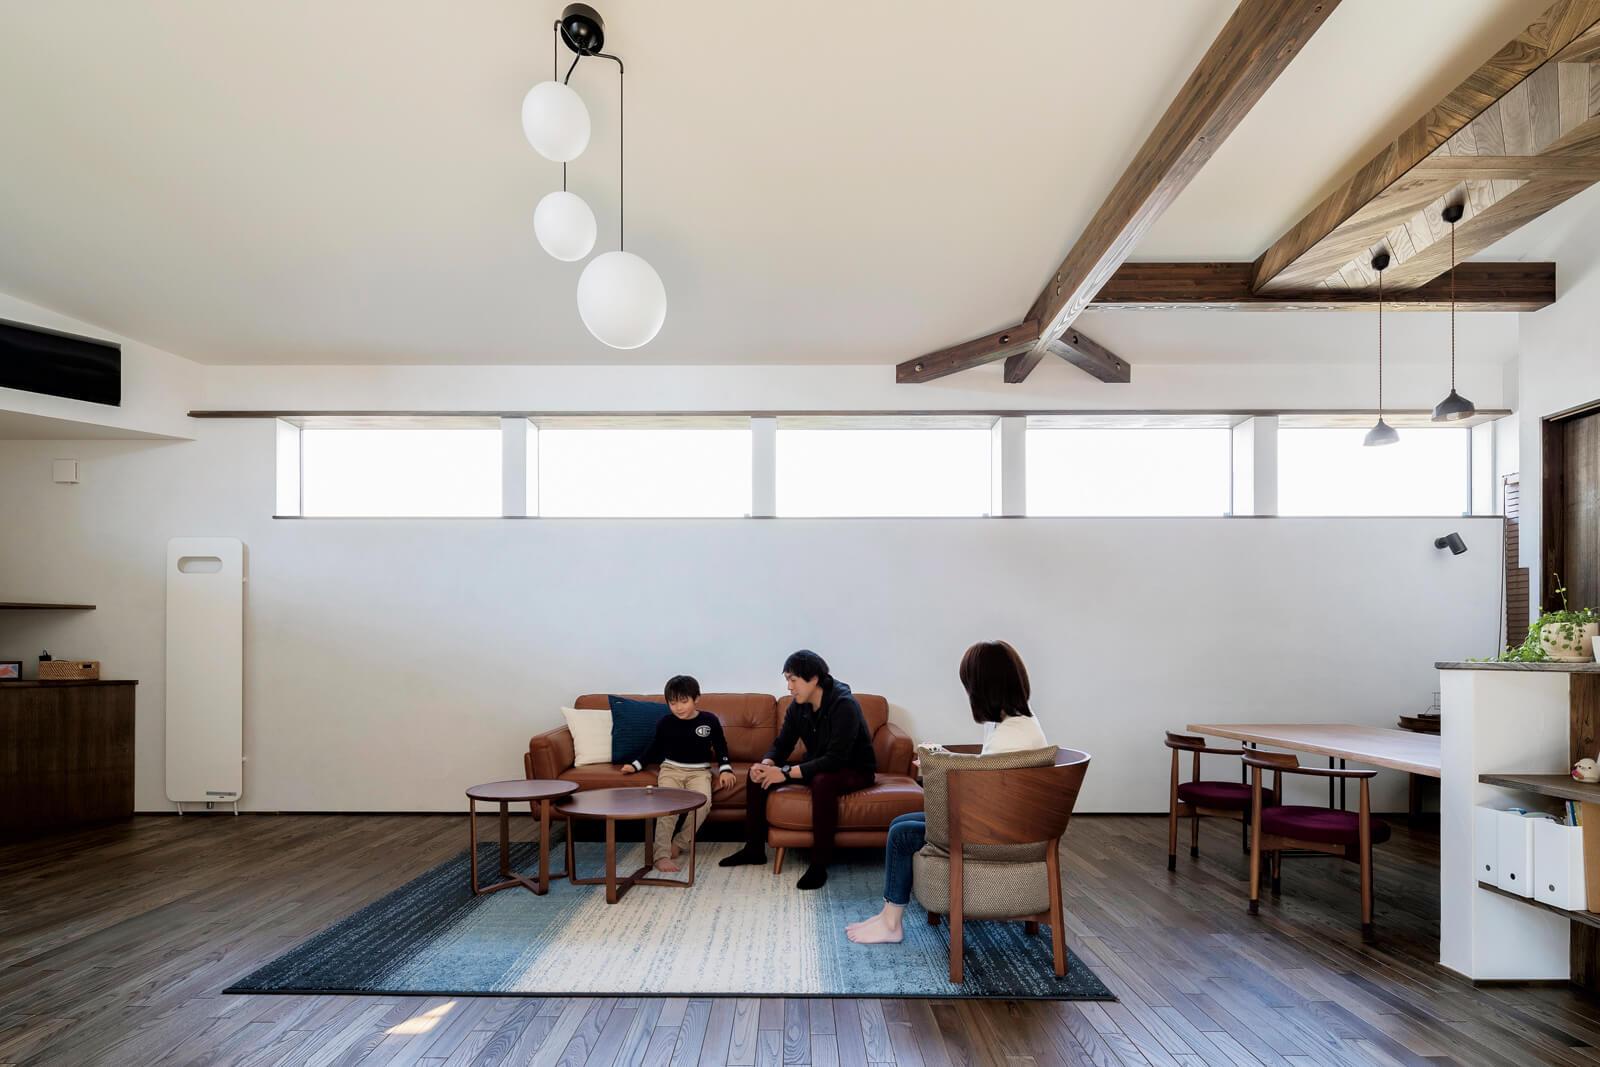 高い位置にある窓がプライバシーと採光の両方を確保。個性的な照明、一部梁現しの天井などが空間を引き締める